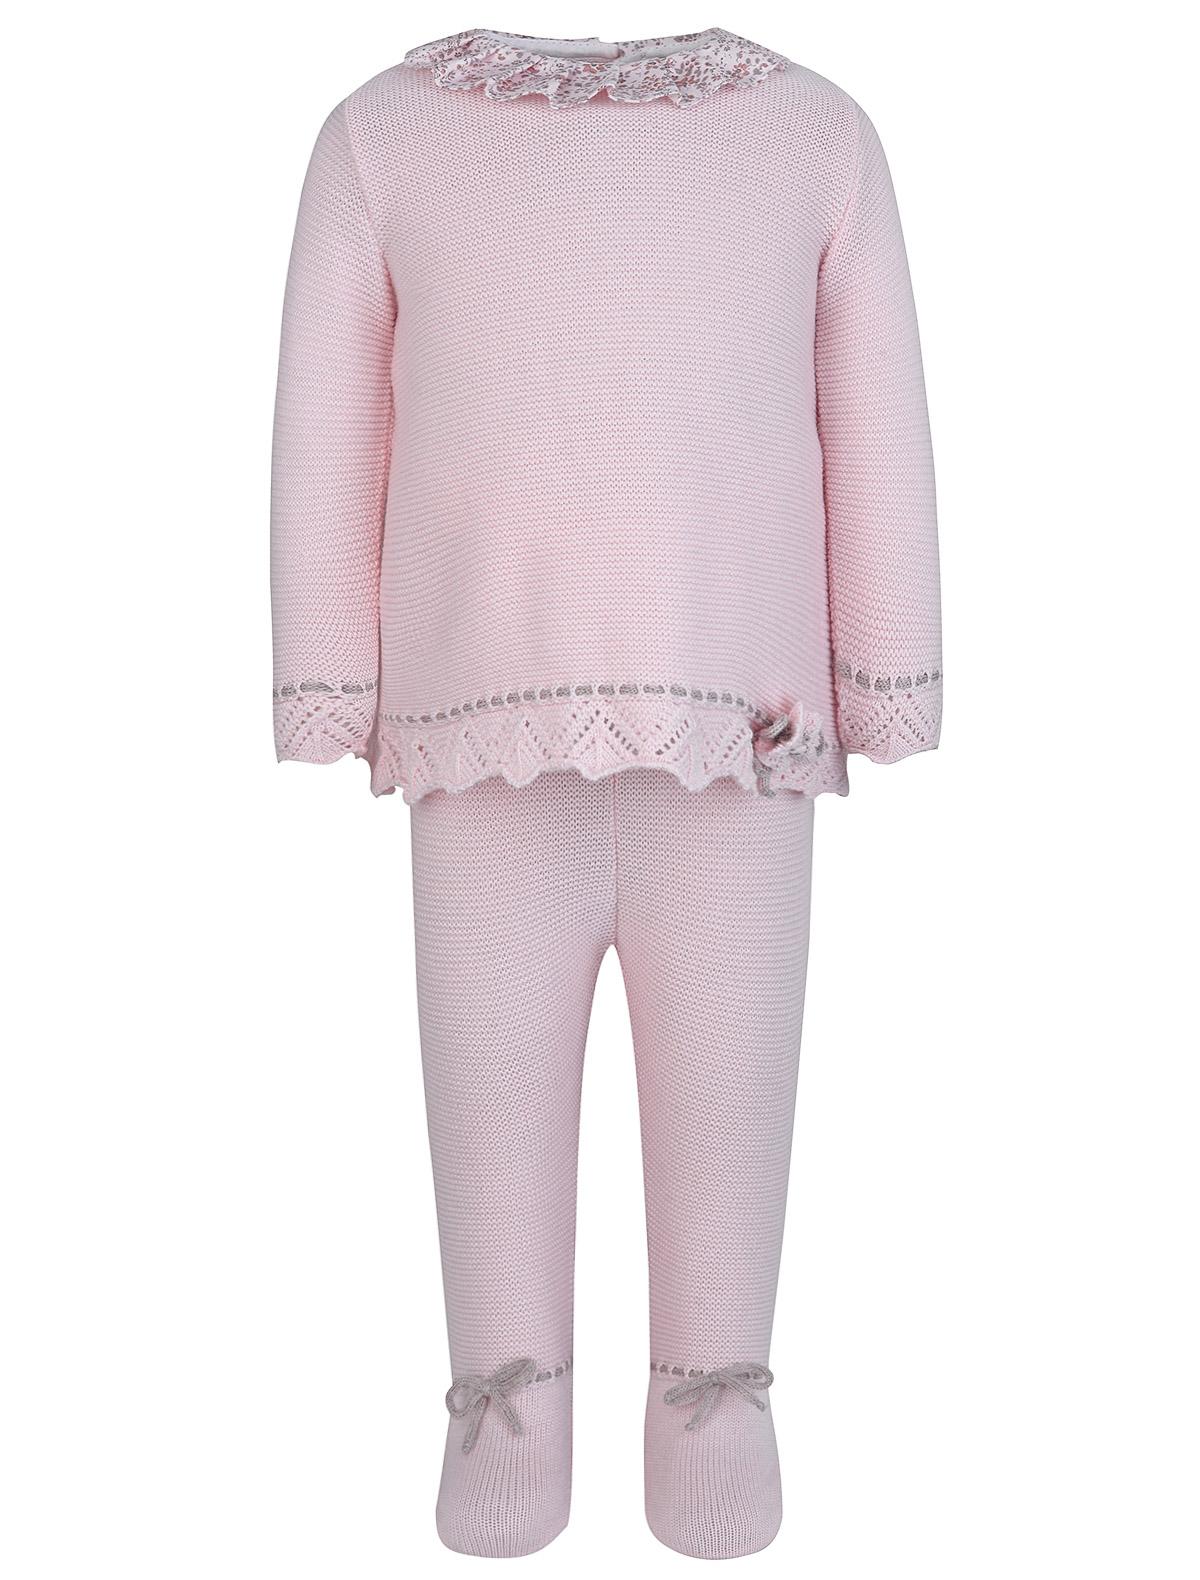 Купить 1926297, Комплект из 2 шт. Marlu, розовый, Женский, 3022609880521